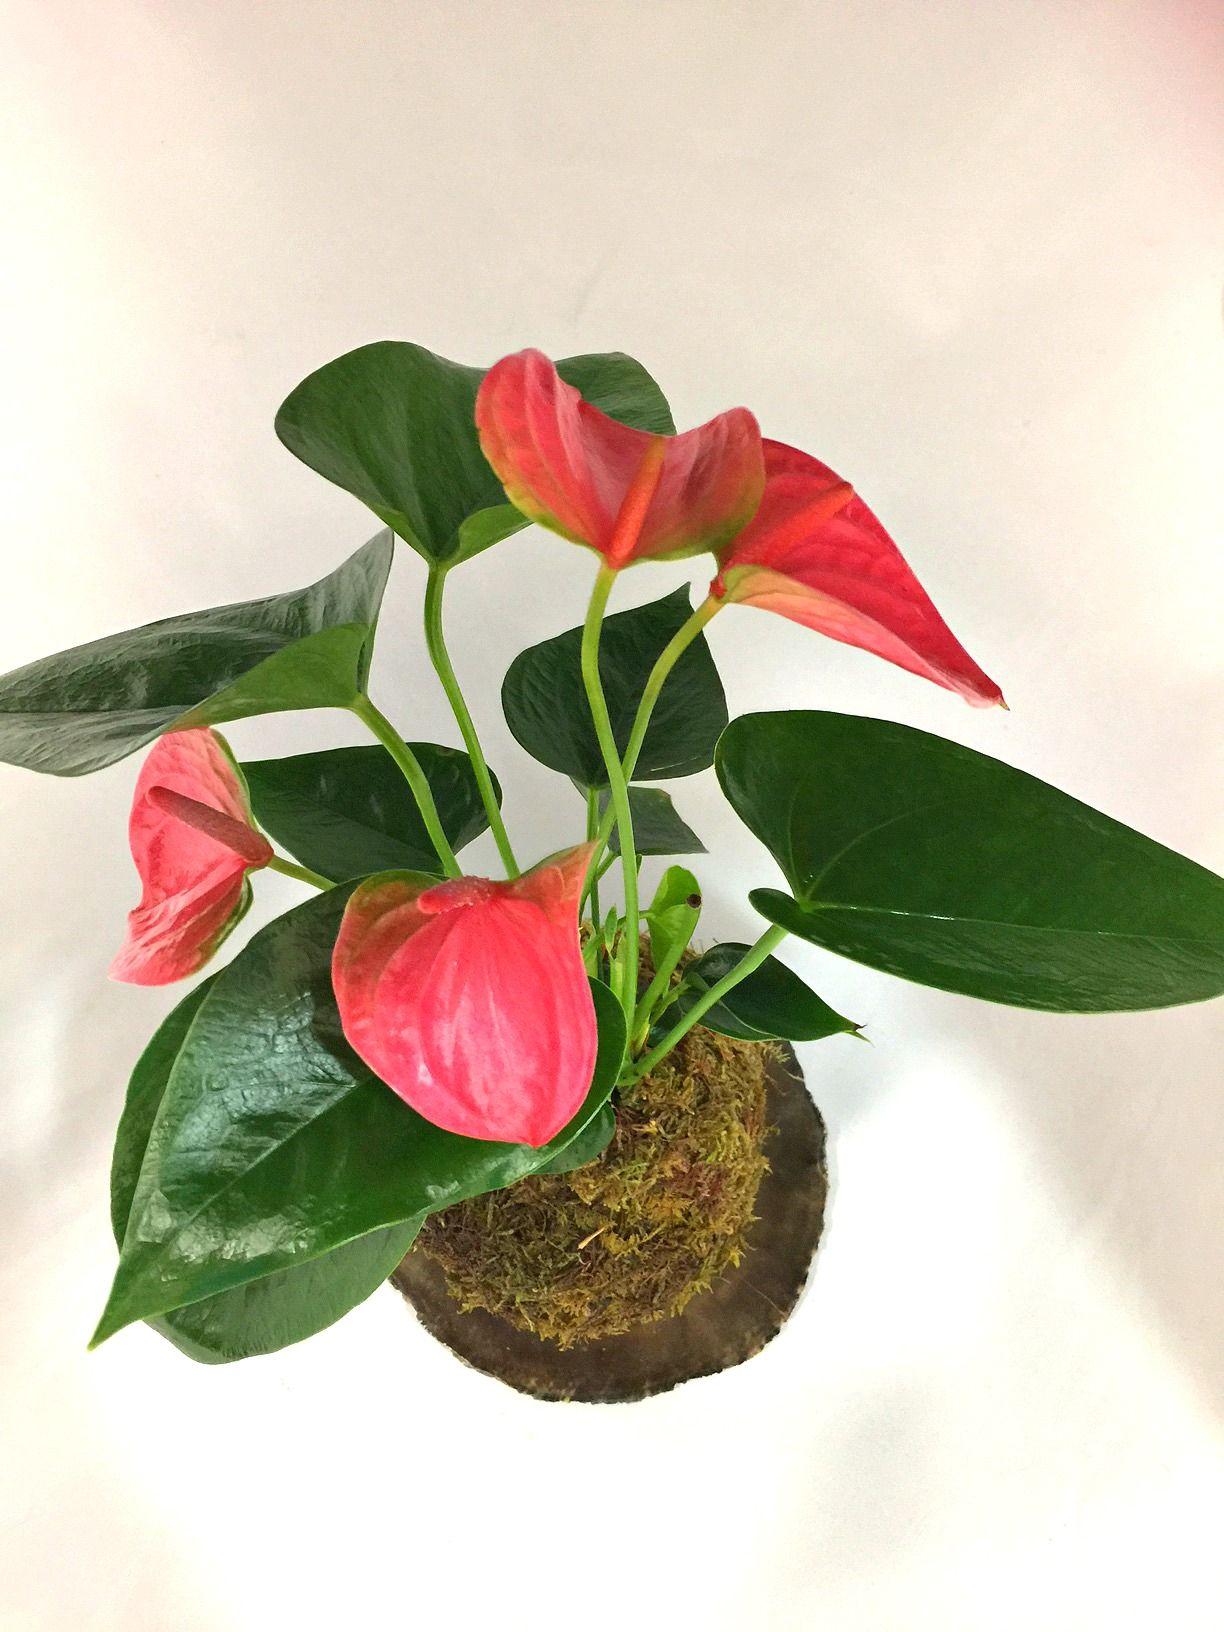 Tropical Anthurium plant